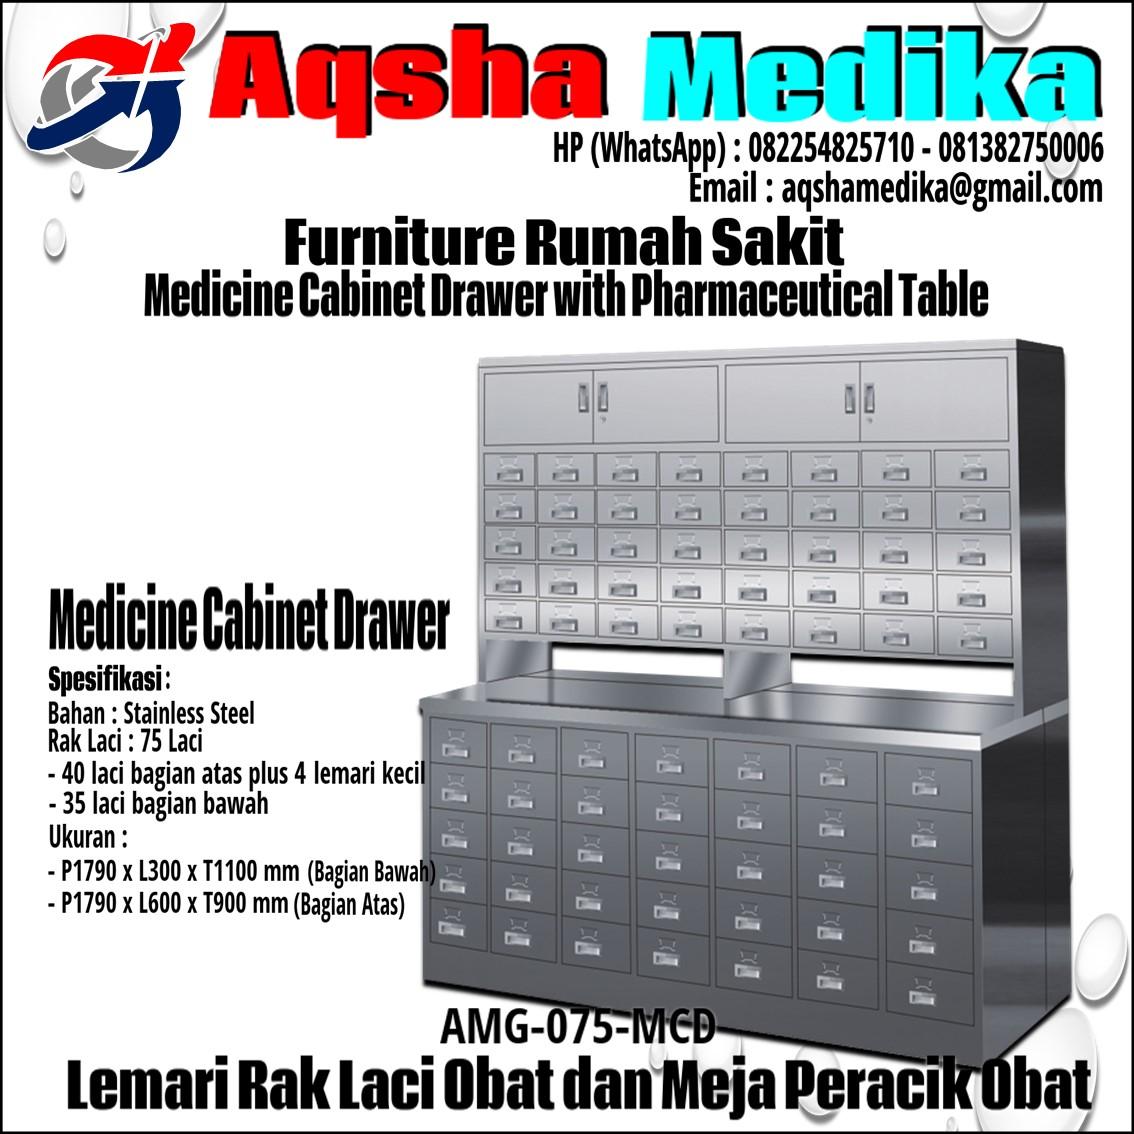 Jual Lemari Rak 75 Laci Obat dan 4 Lemari kecil -AMG-075-MCD Aqsha Medika